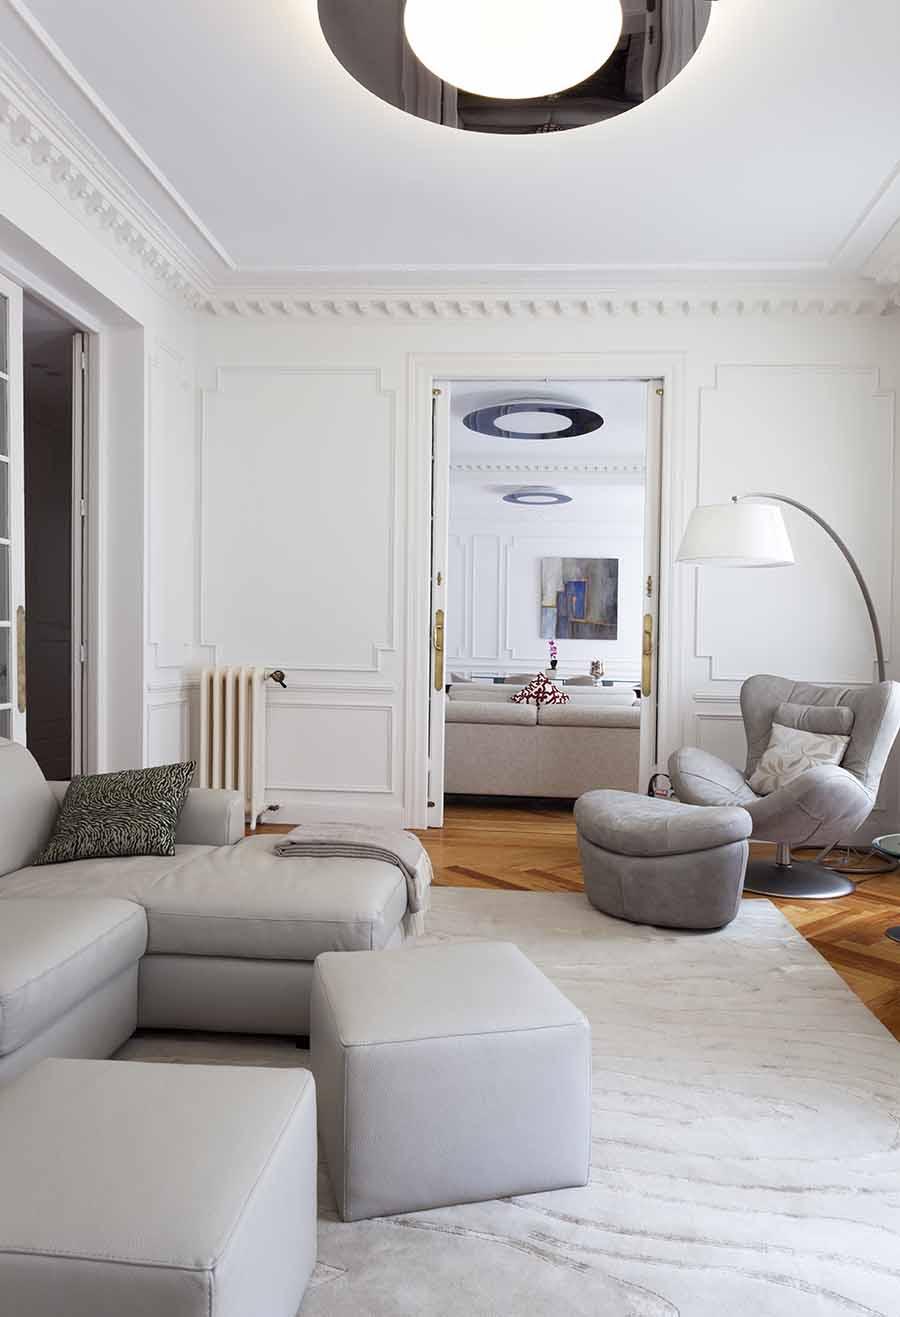 Alfonsoxi23 alicia mesa dise adora de interiores y arquitectos en madrid - Arquitecto de interiores madrid ...